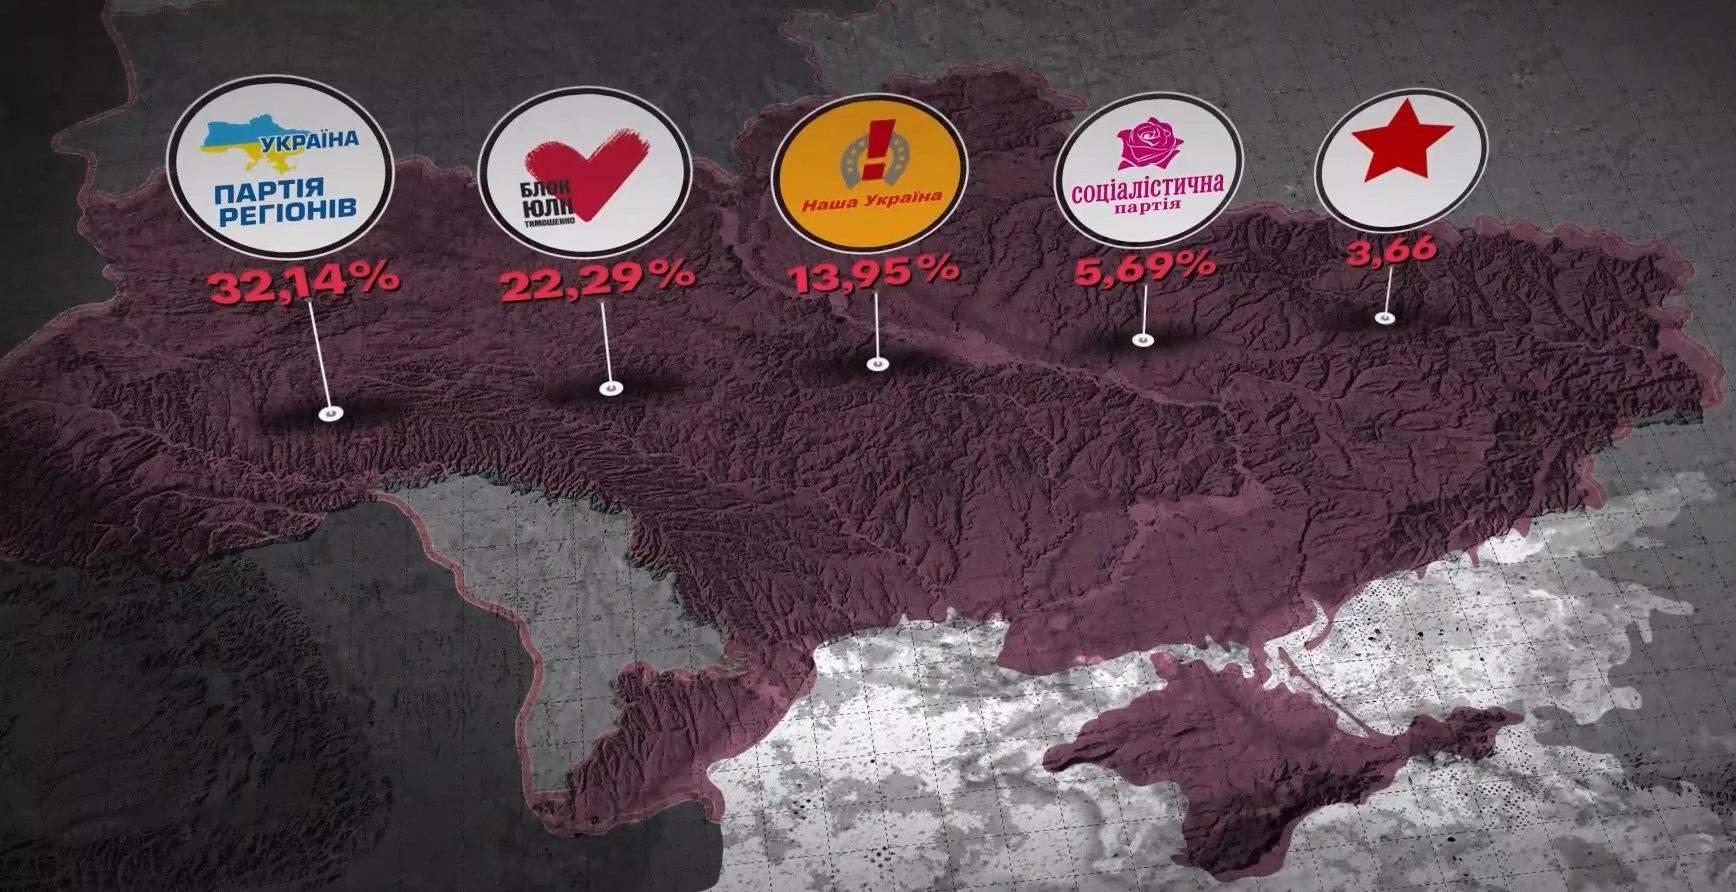 Результати парламентських виборів 2006 року